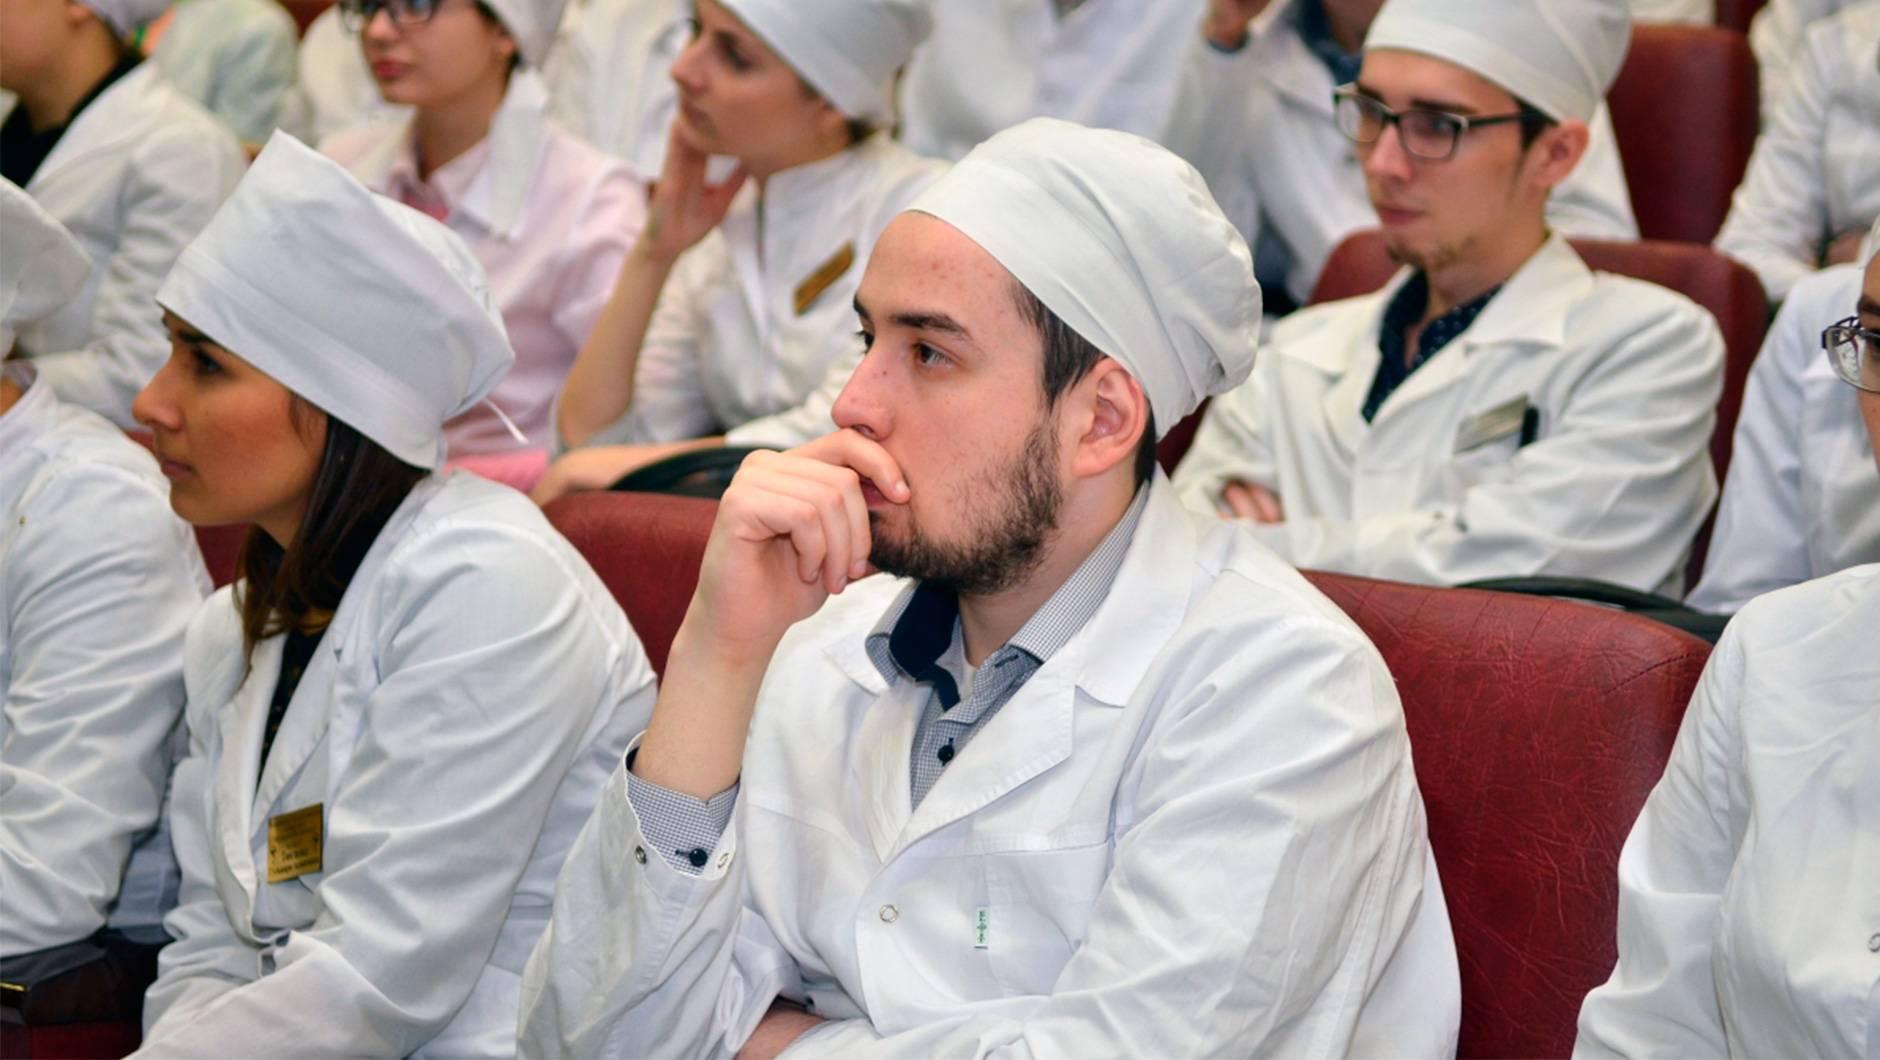 Улучшить шансы для поступления на медицину в германии | штудирен